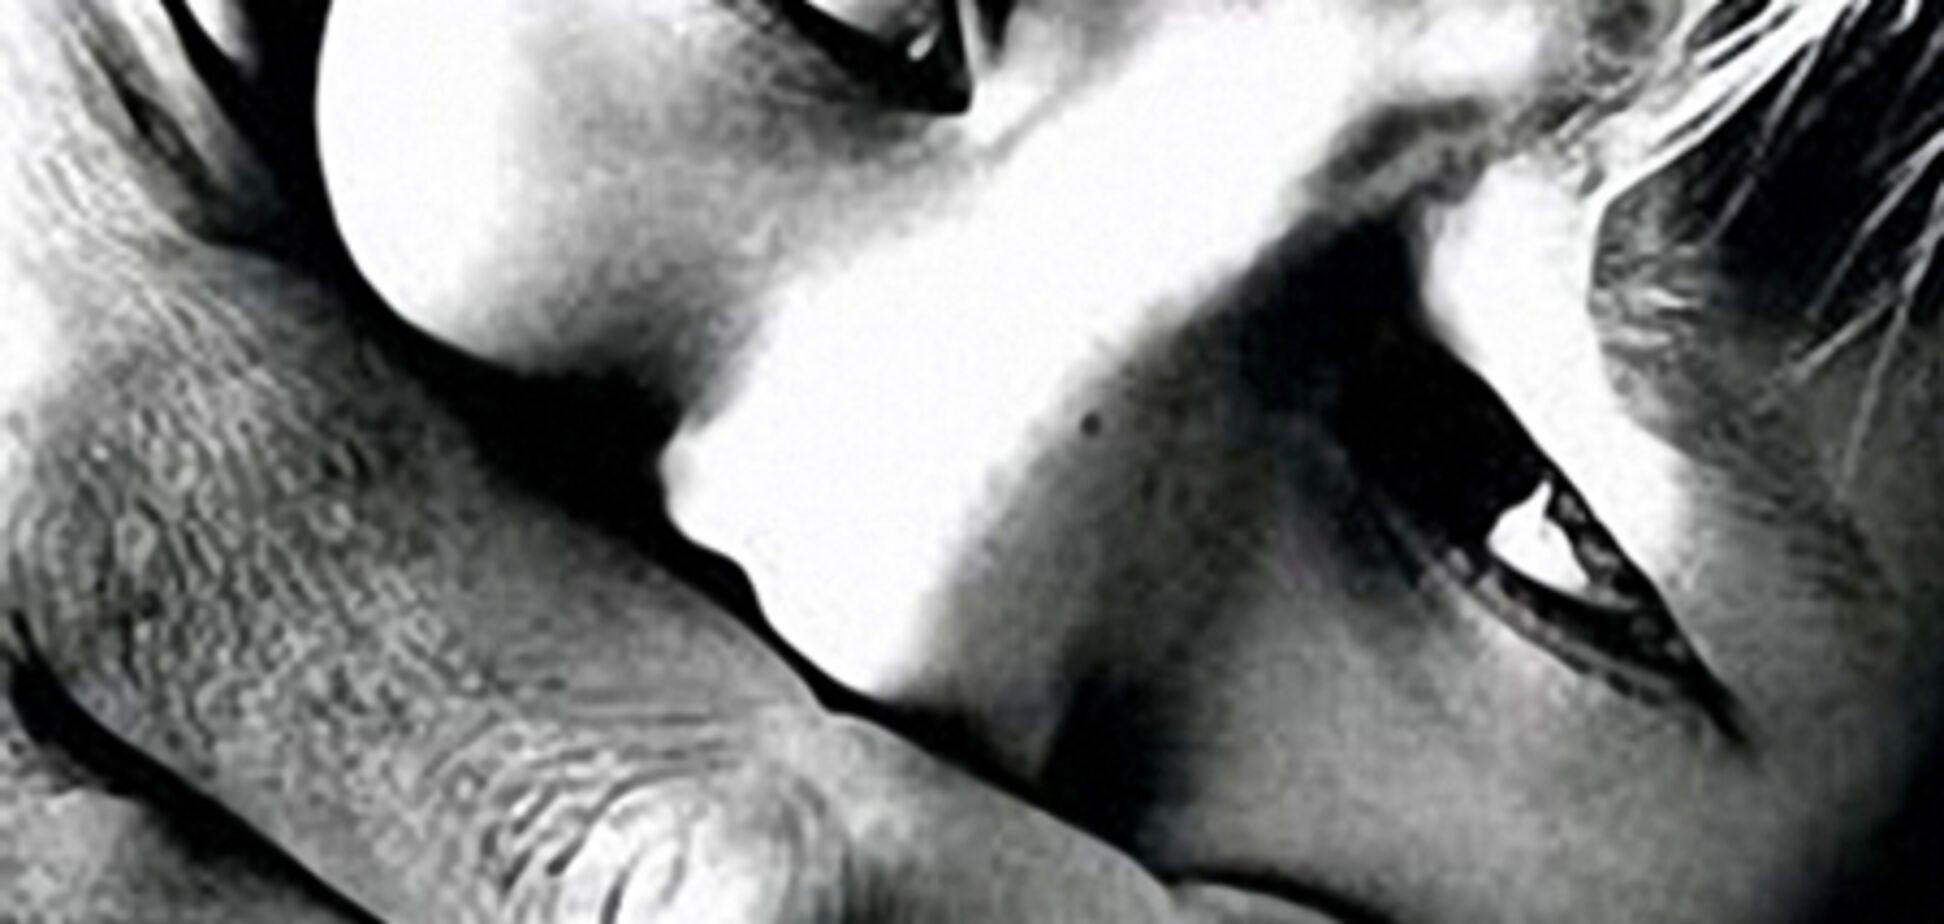 Пьяные малолетки изнасиловали и убили 8-летнюю девочку